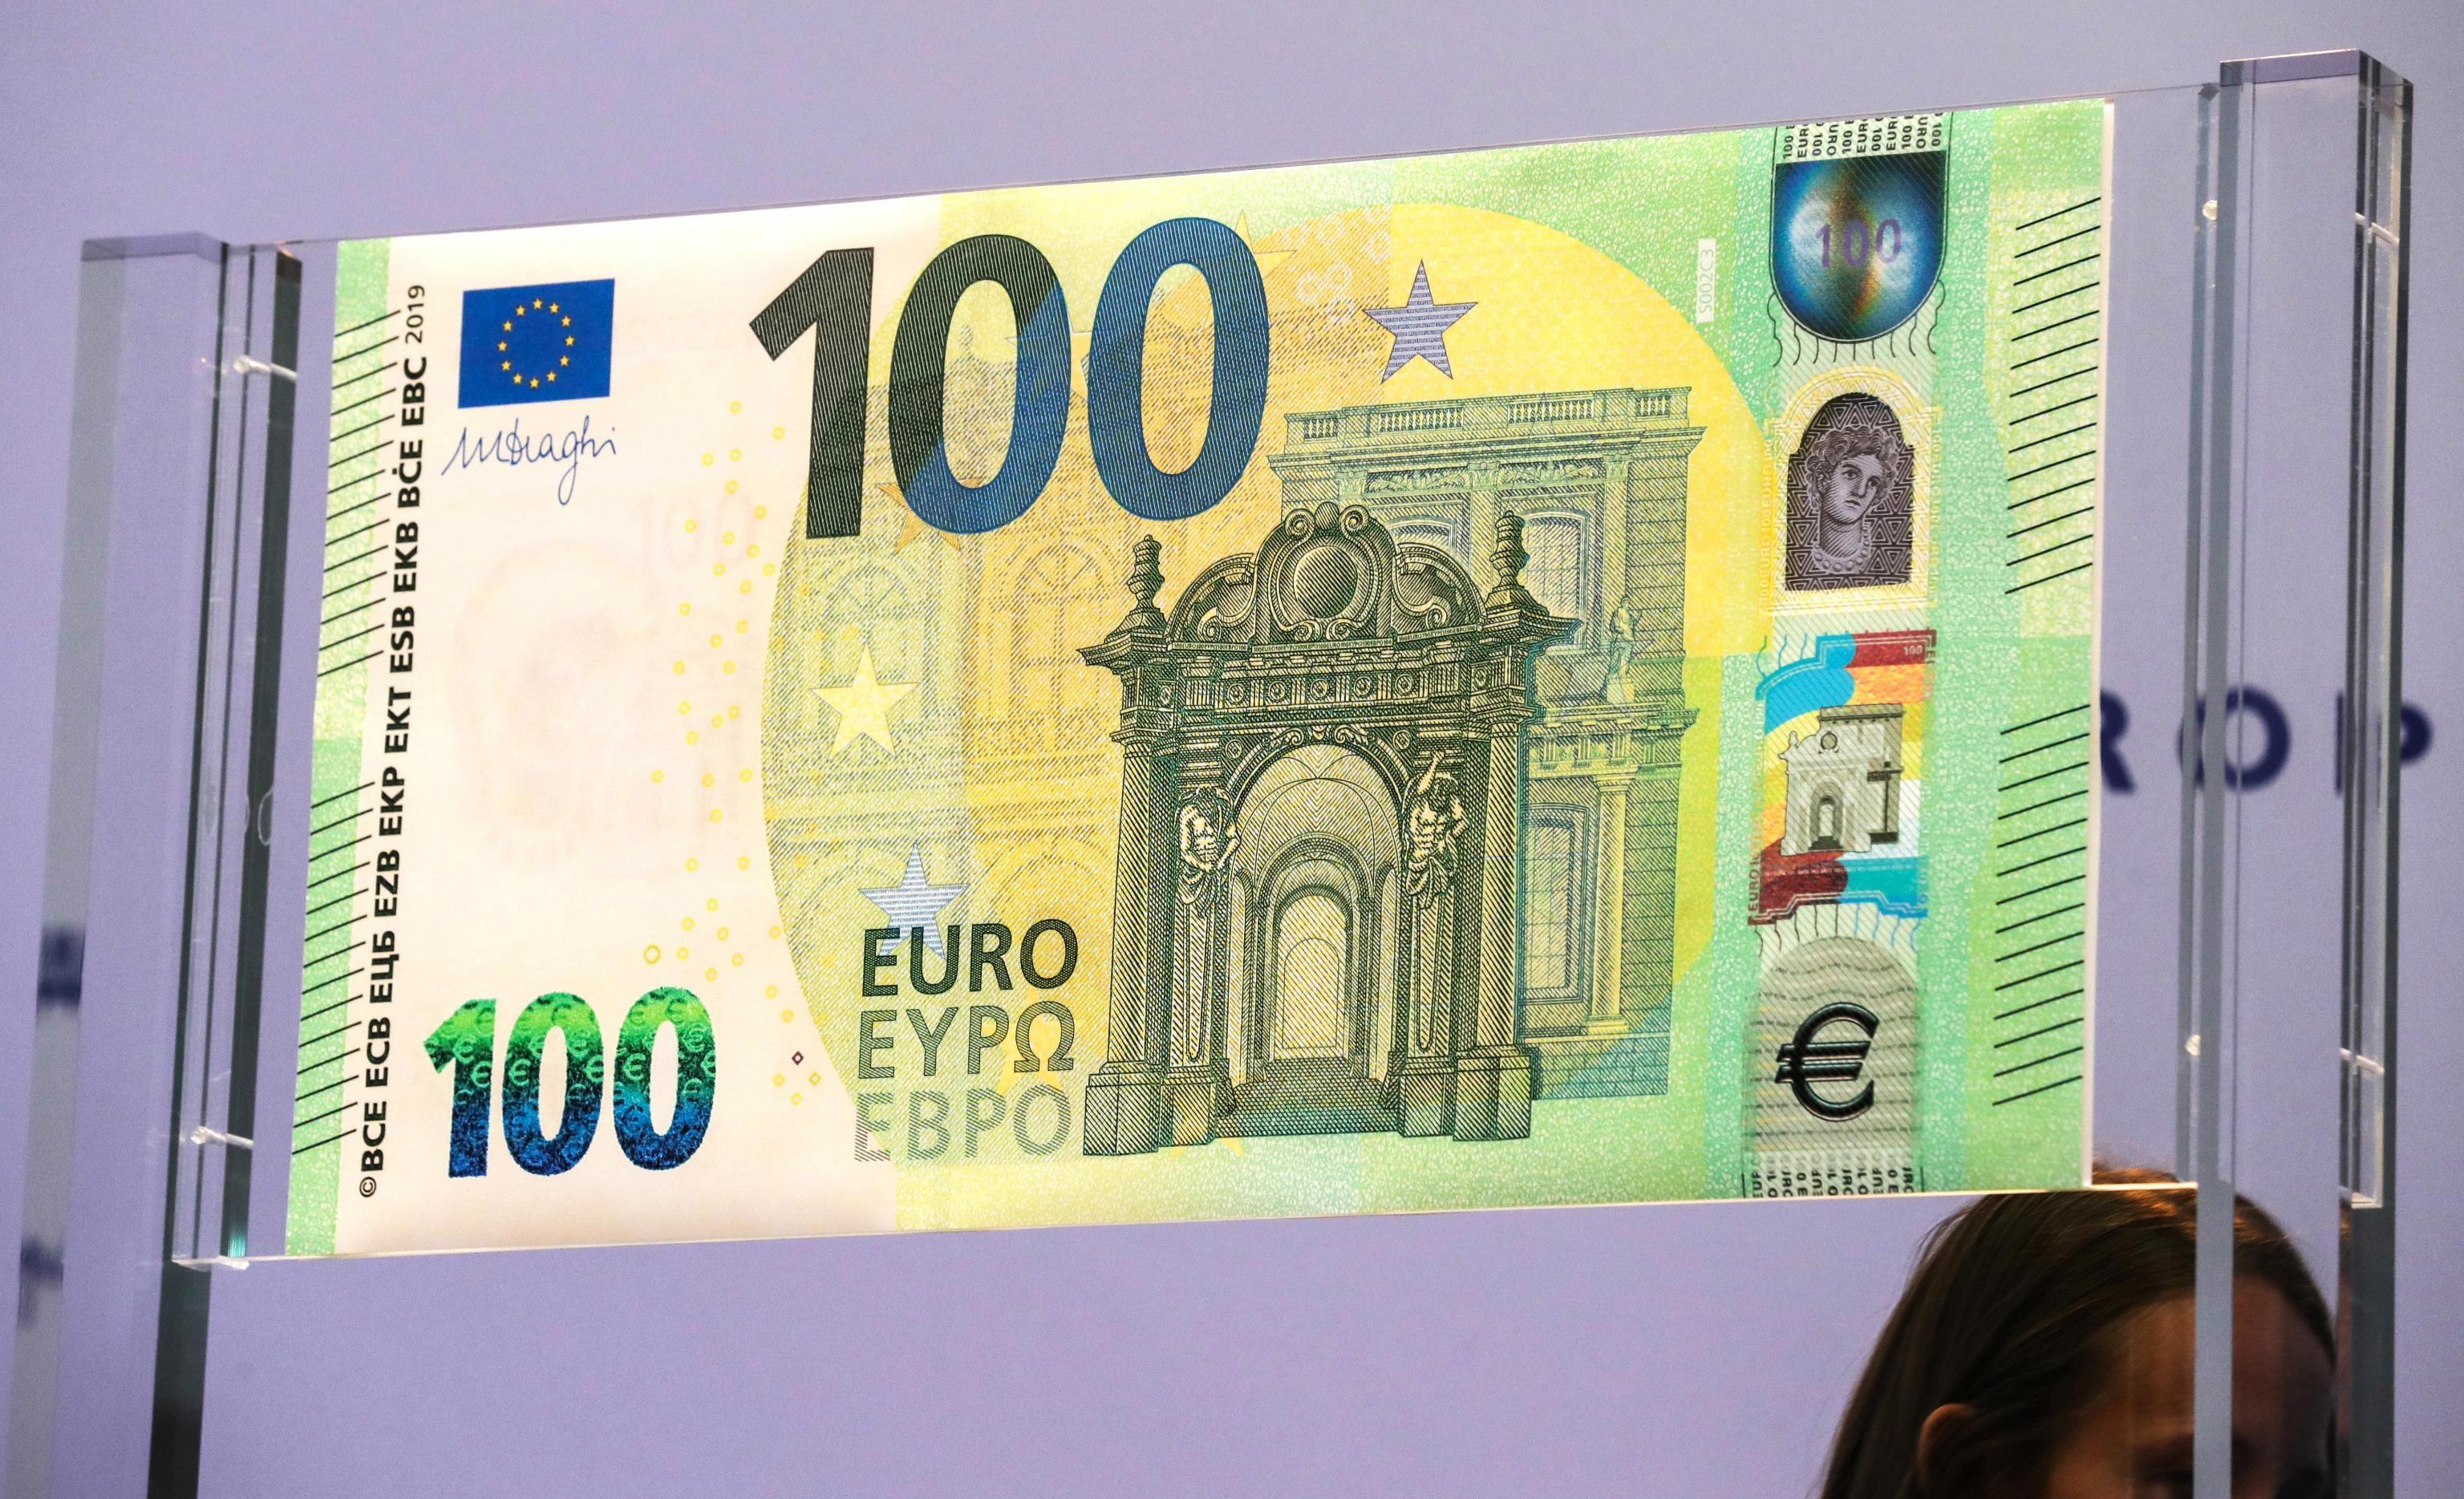 arrivano le nuove banconote da 100 e 200 euro photogallery rai news. Black Bedroom Furniture Sets. Home Design Ideas